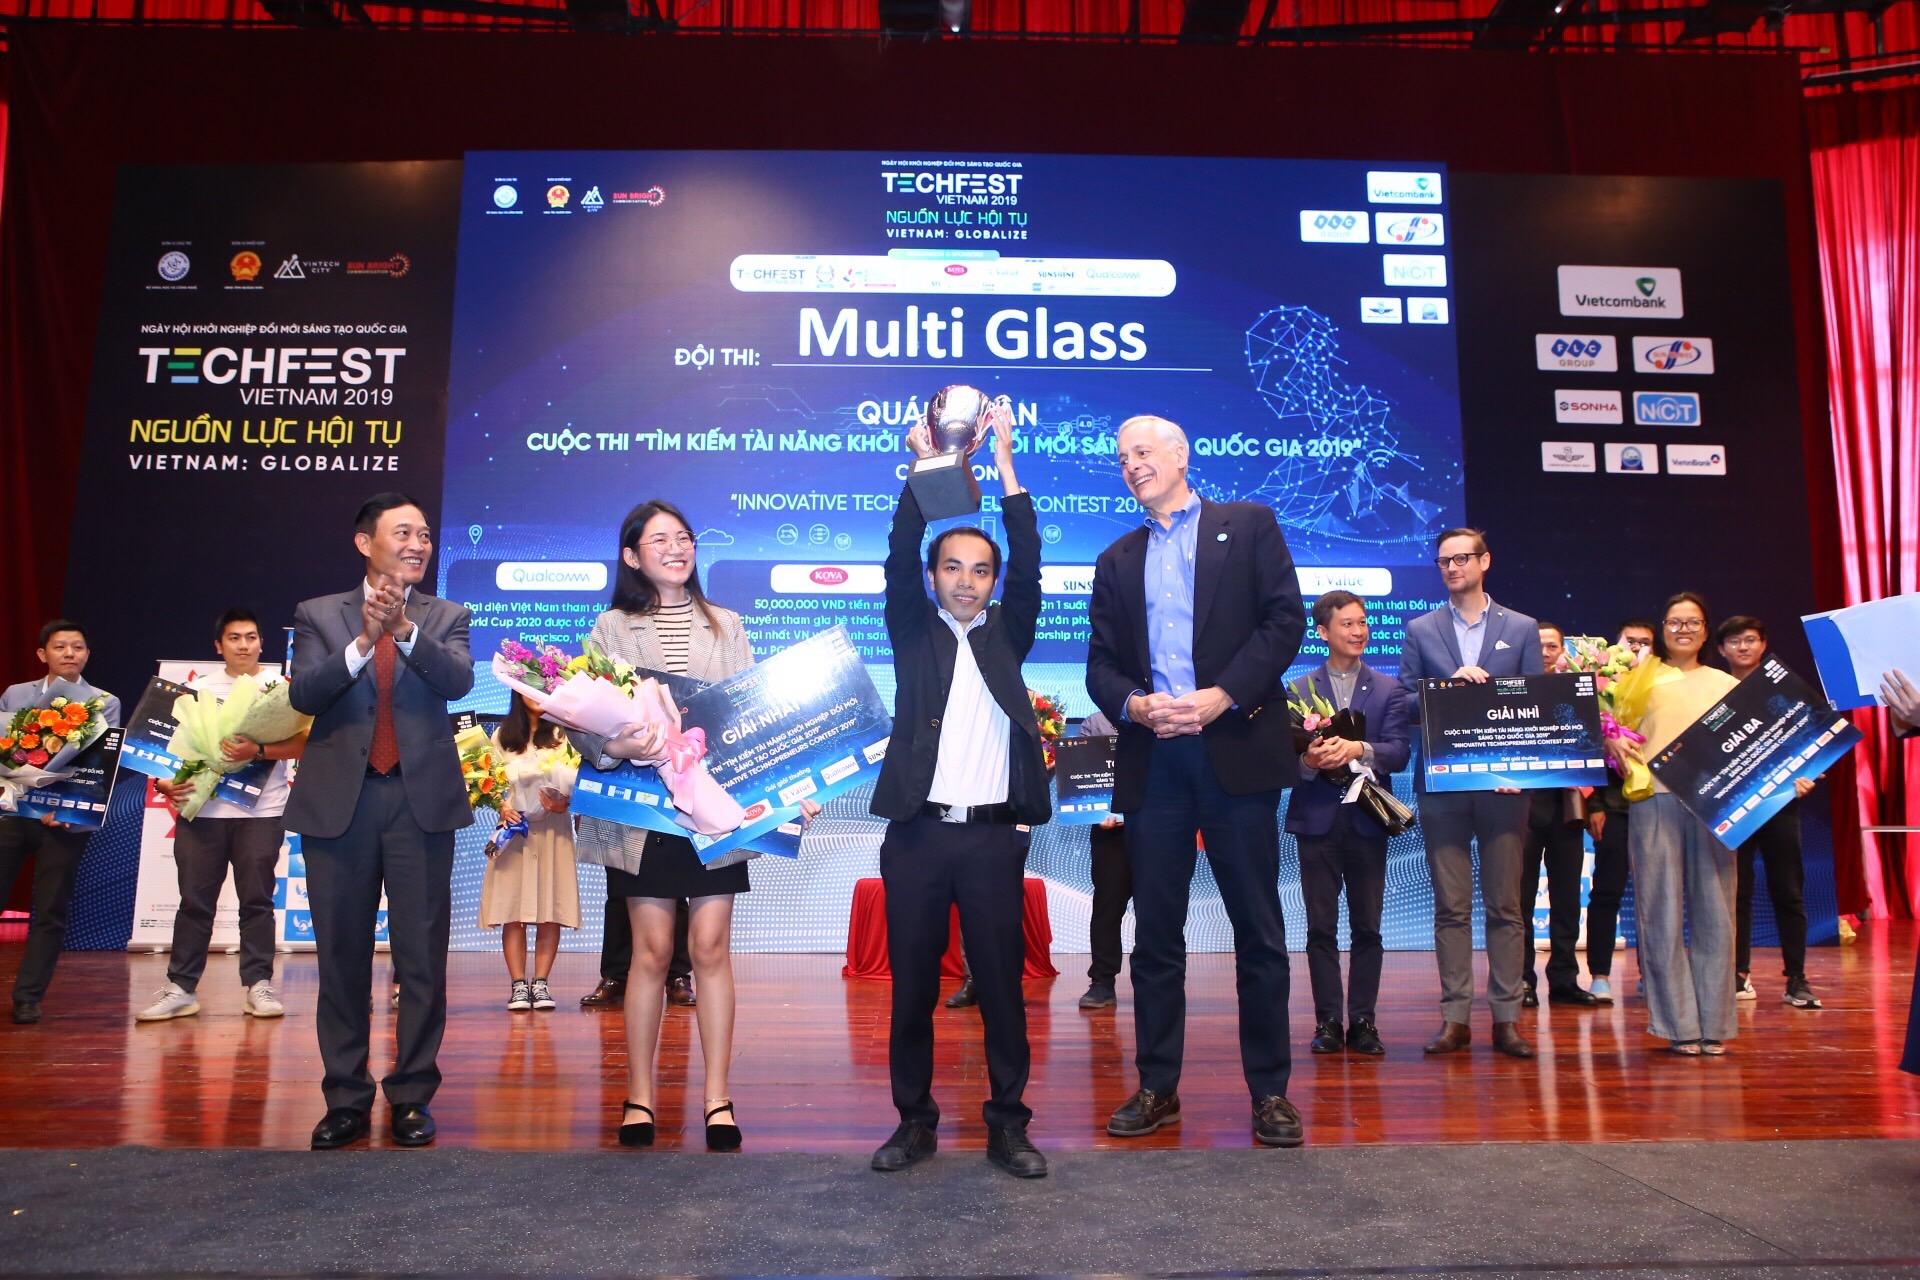 """Đội Multi Glass - quán quân cuộc thi """"Tìm kiếm tài năng khởi nghiệp đổi mới sáng tạo quốc gia 2019"""""""